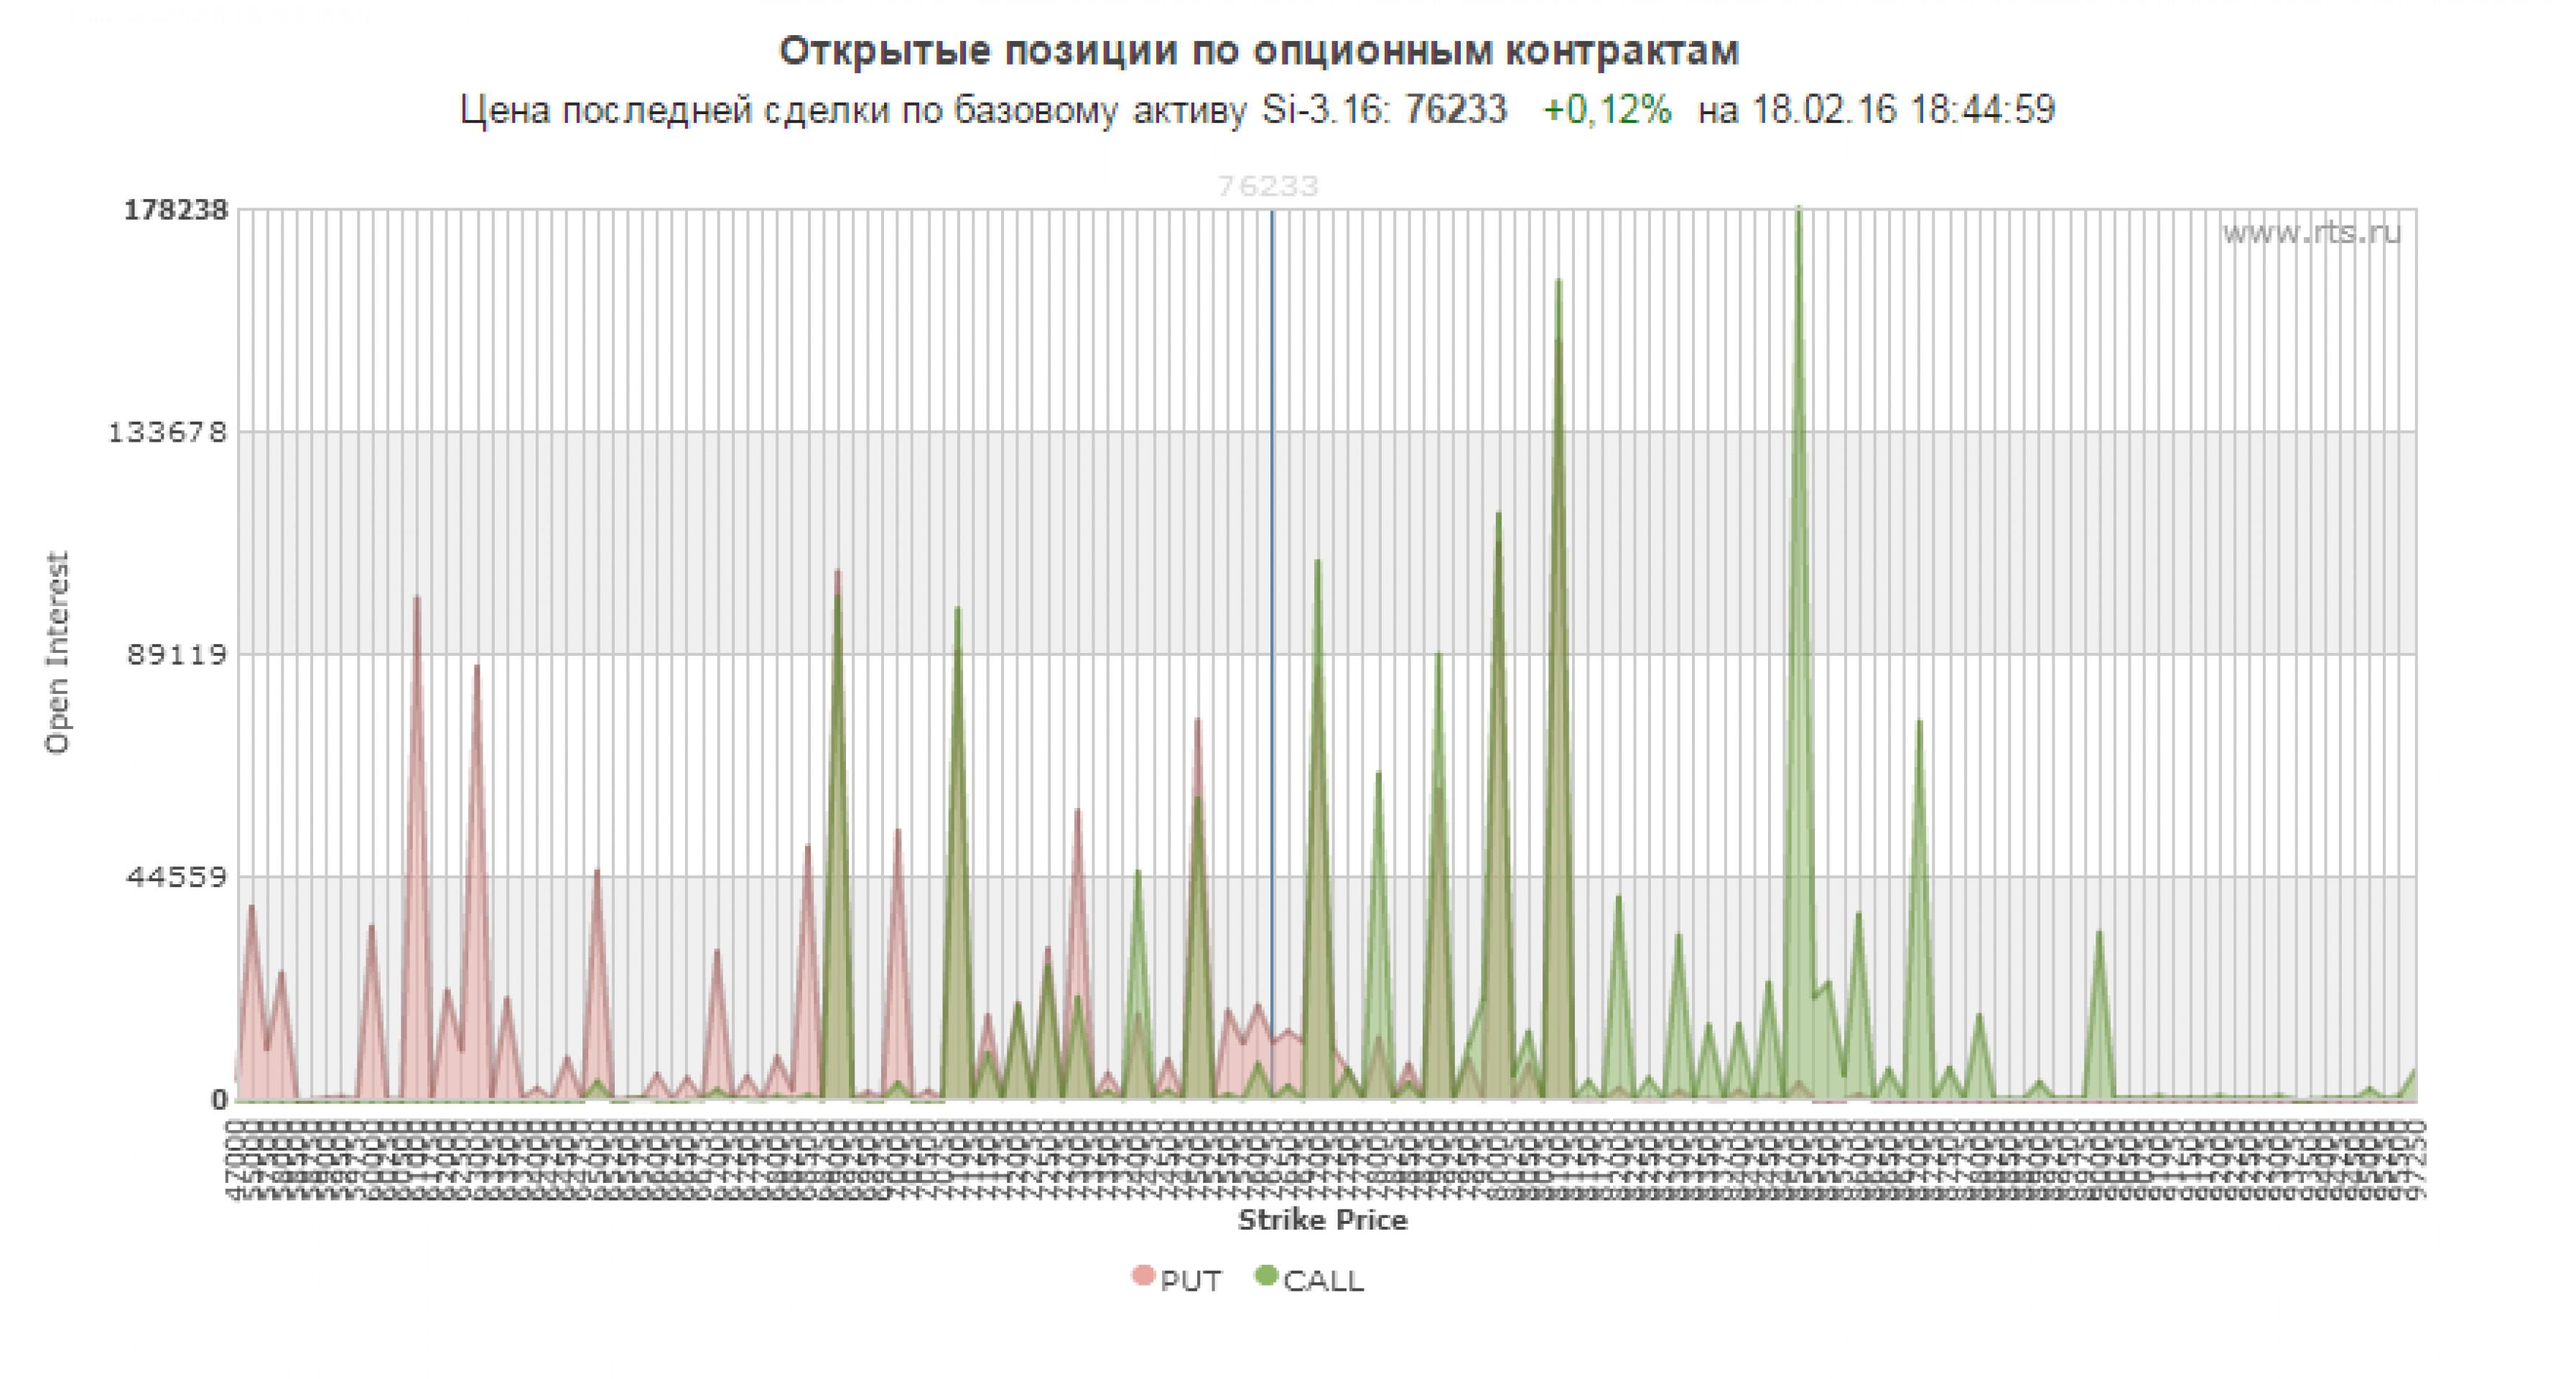 24 дня, которые заставят рубль поволноваться